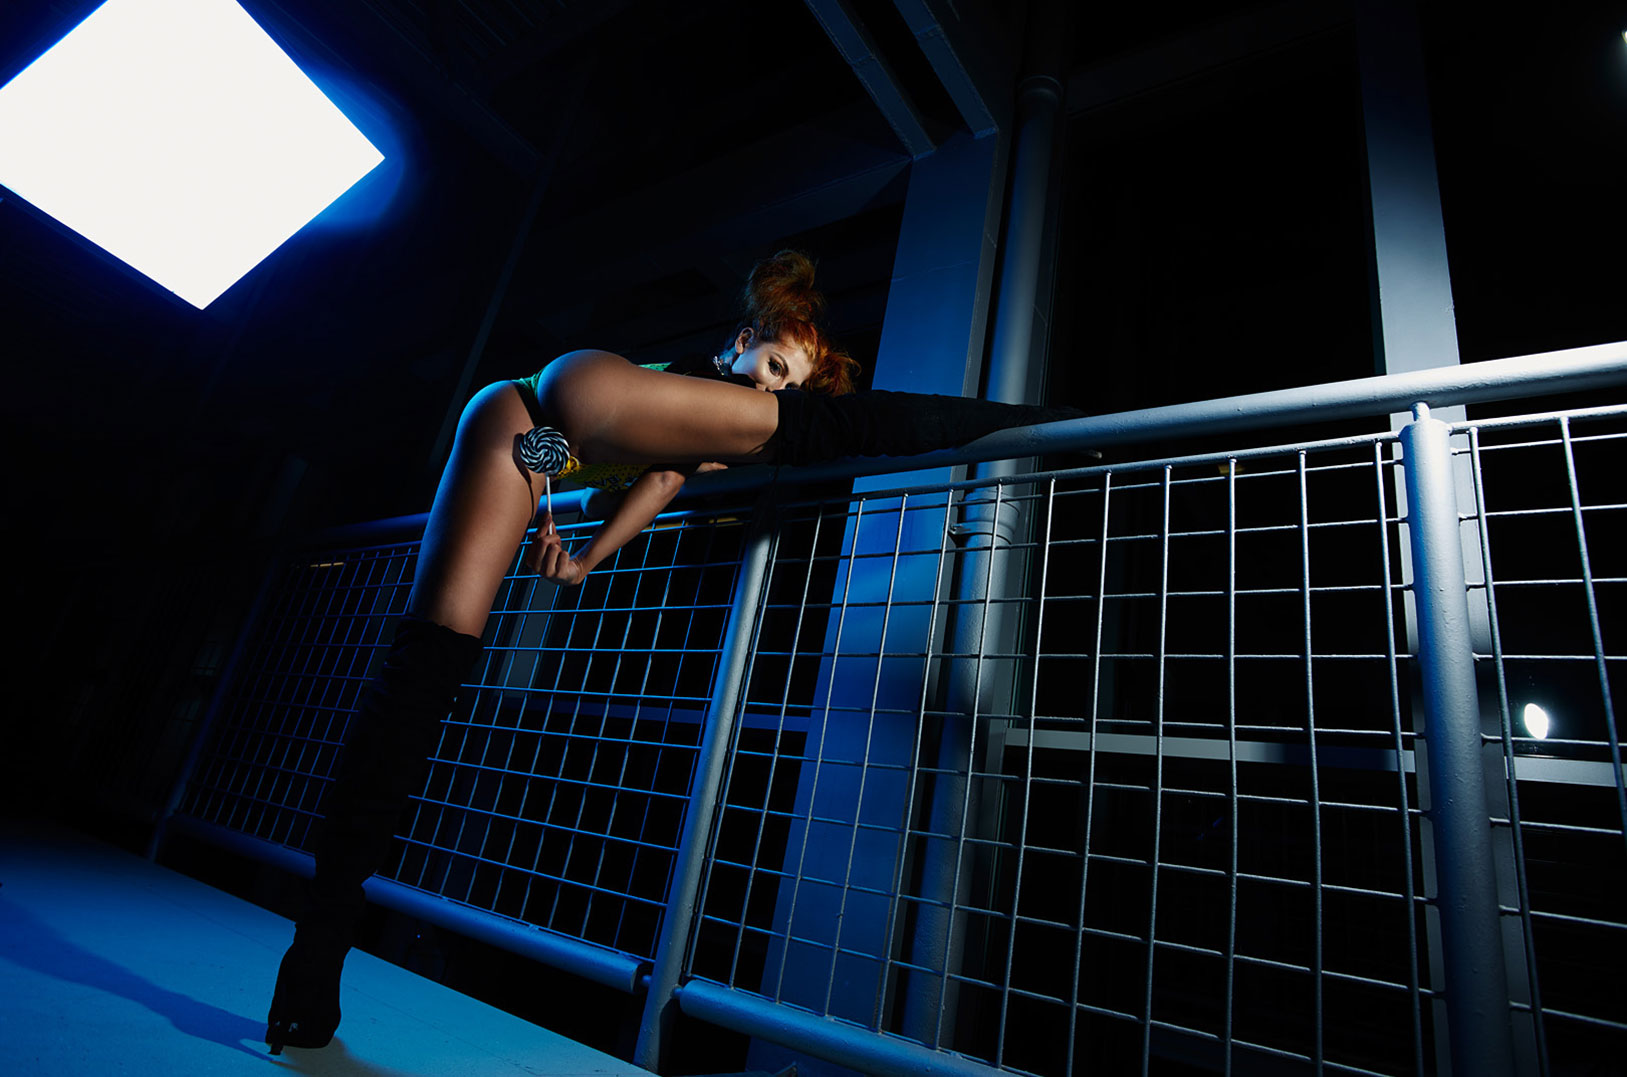 развлечения возрастной школьницы, фотограф Jirka Pop / фото 05